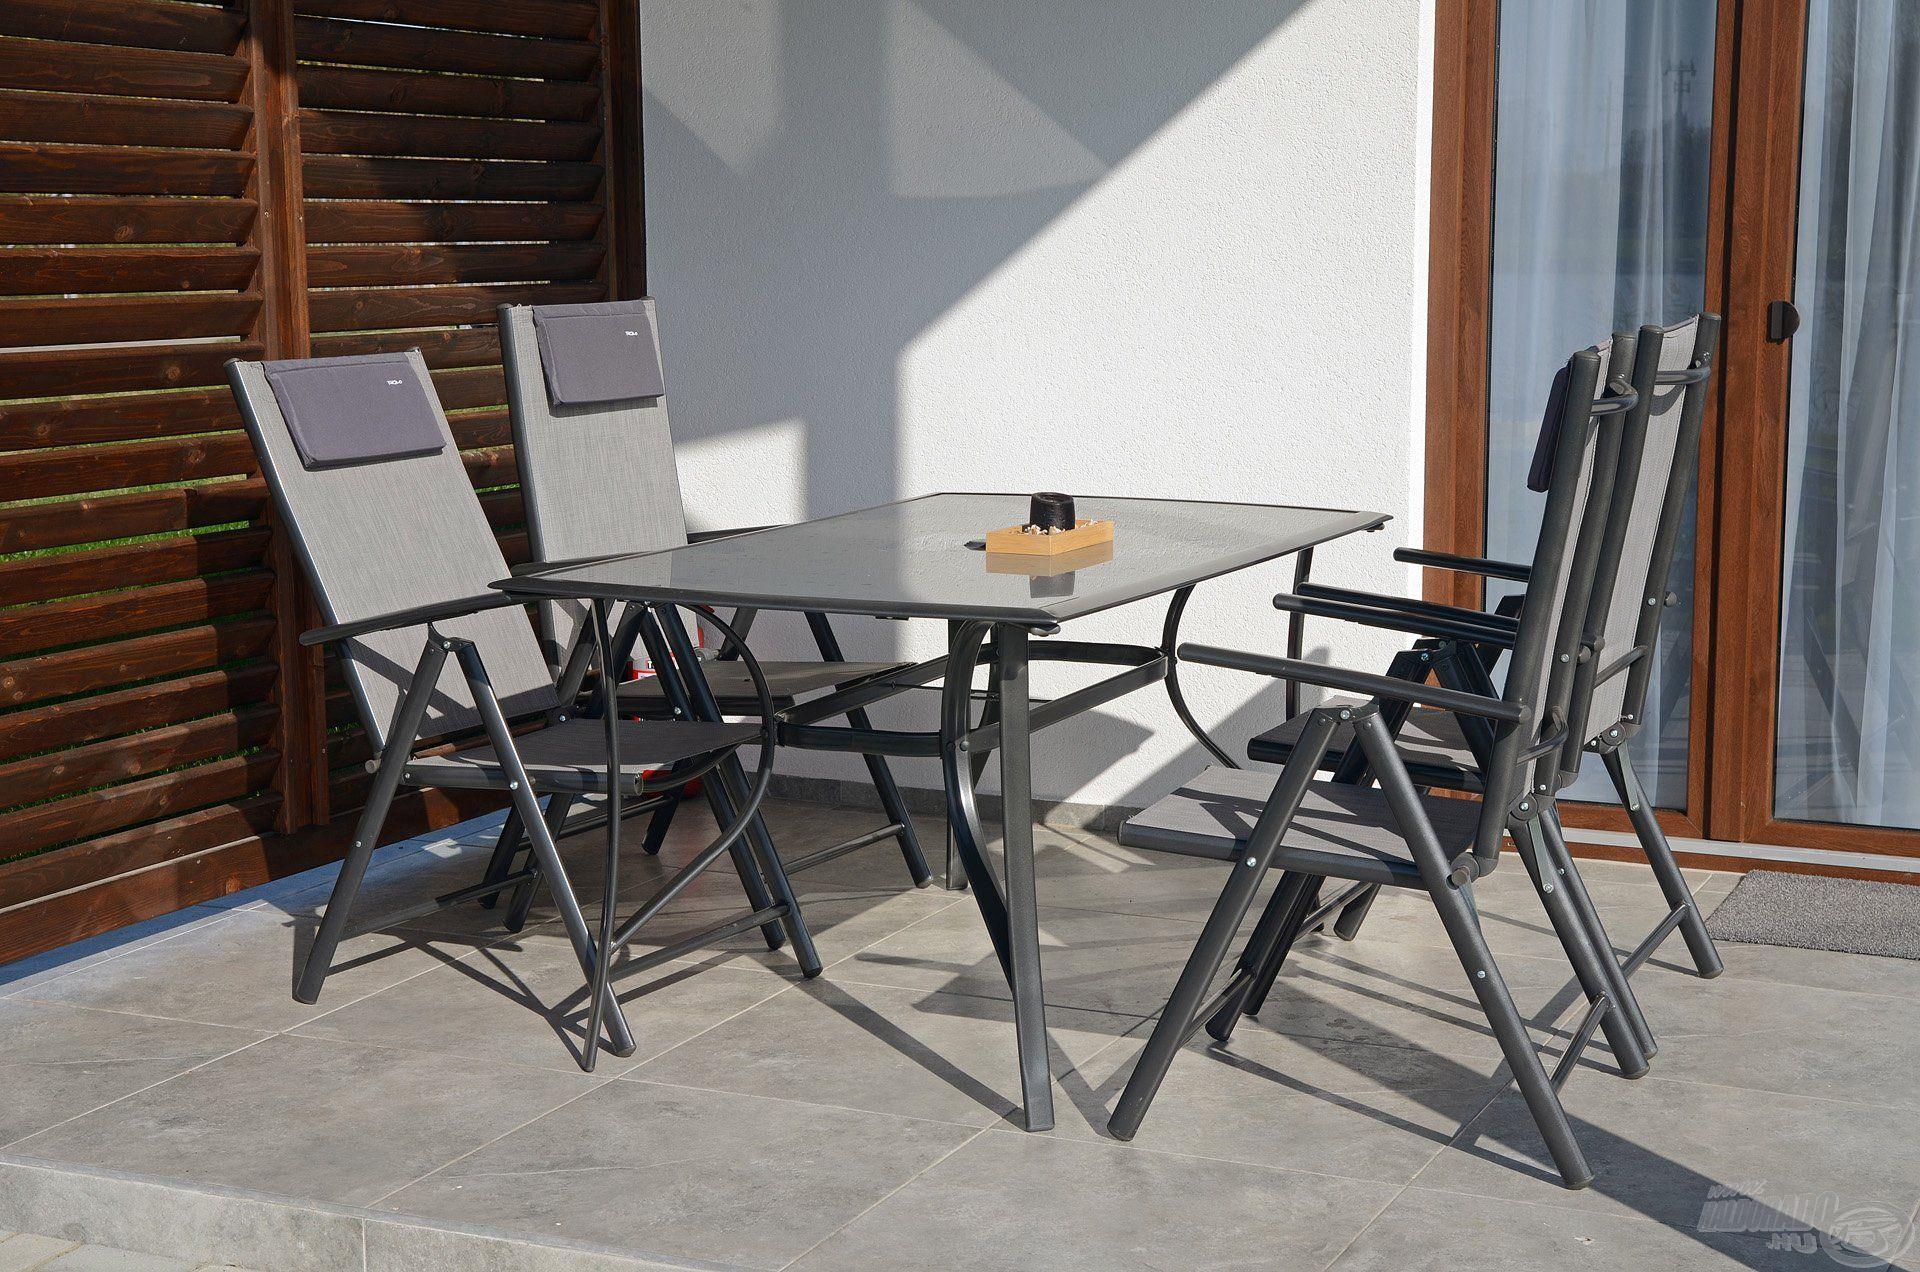 A fedett terasz és a kültéri bútorok lehetőséget biztosítanak a kinti étkezéshez